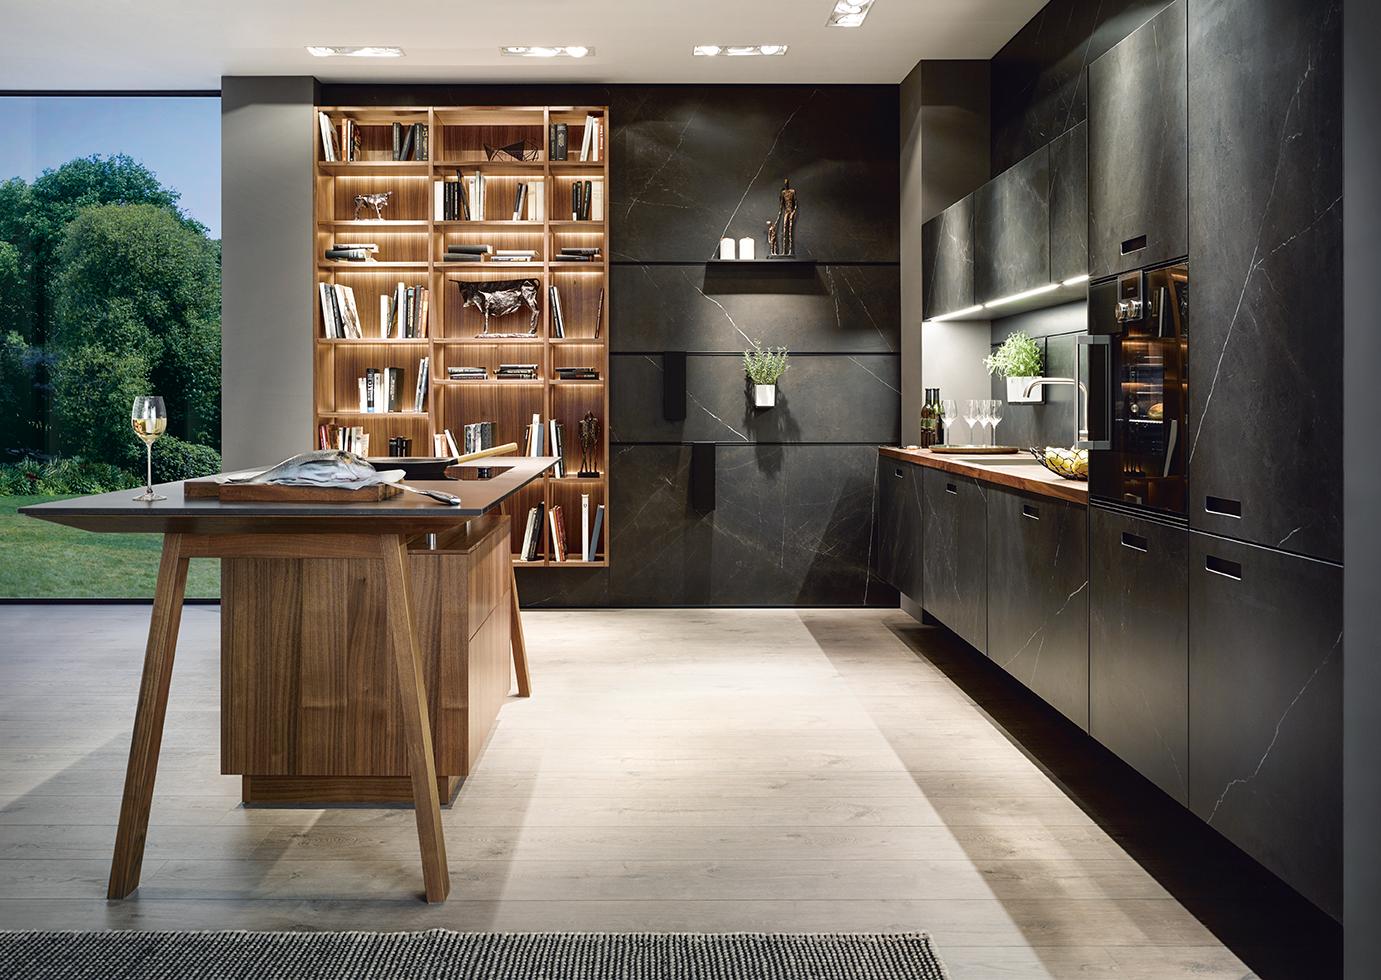 Cuisine intégrée haut de gamme sur annecy marbre noir subtil mélange avec bois scandinave moderne contemporain